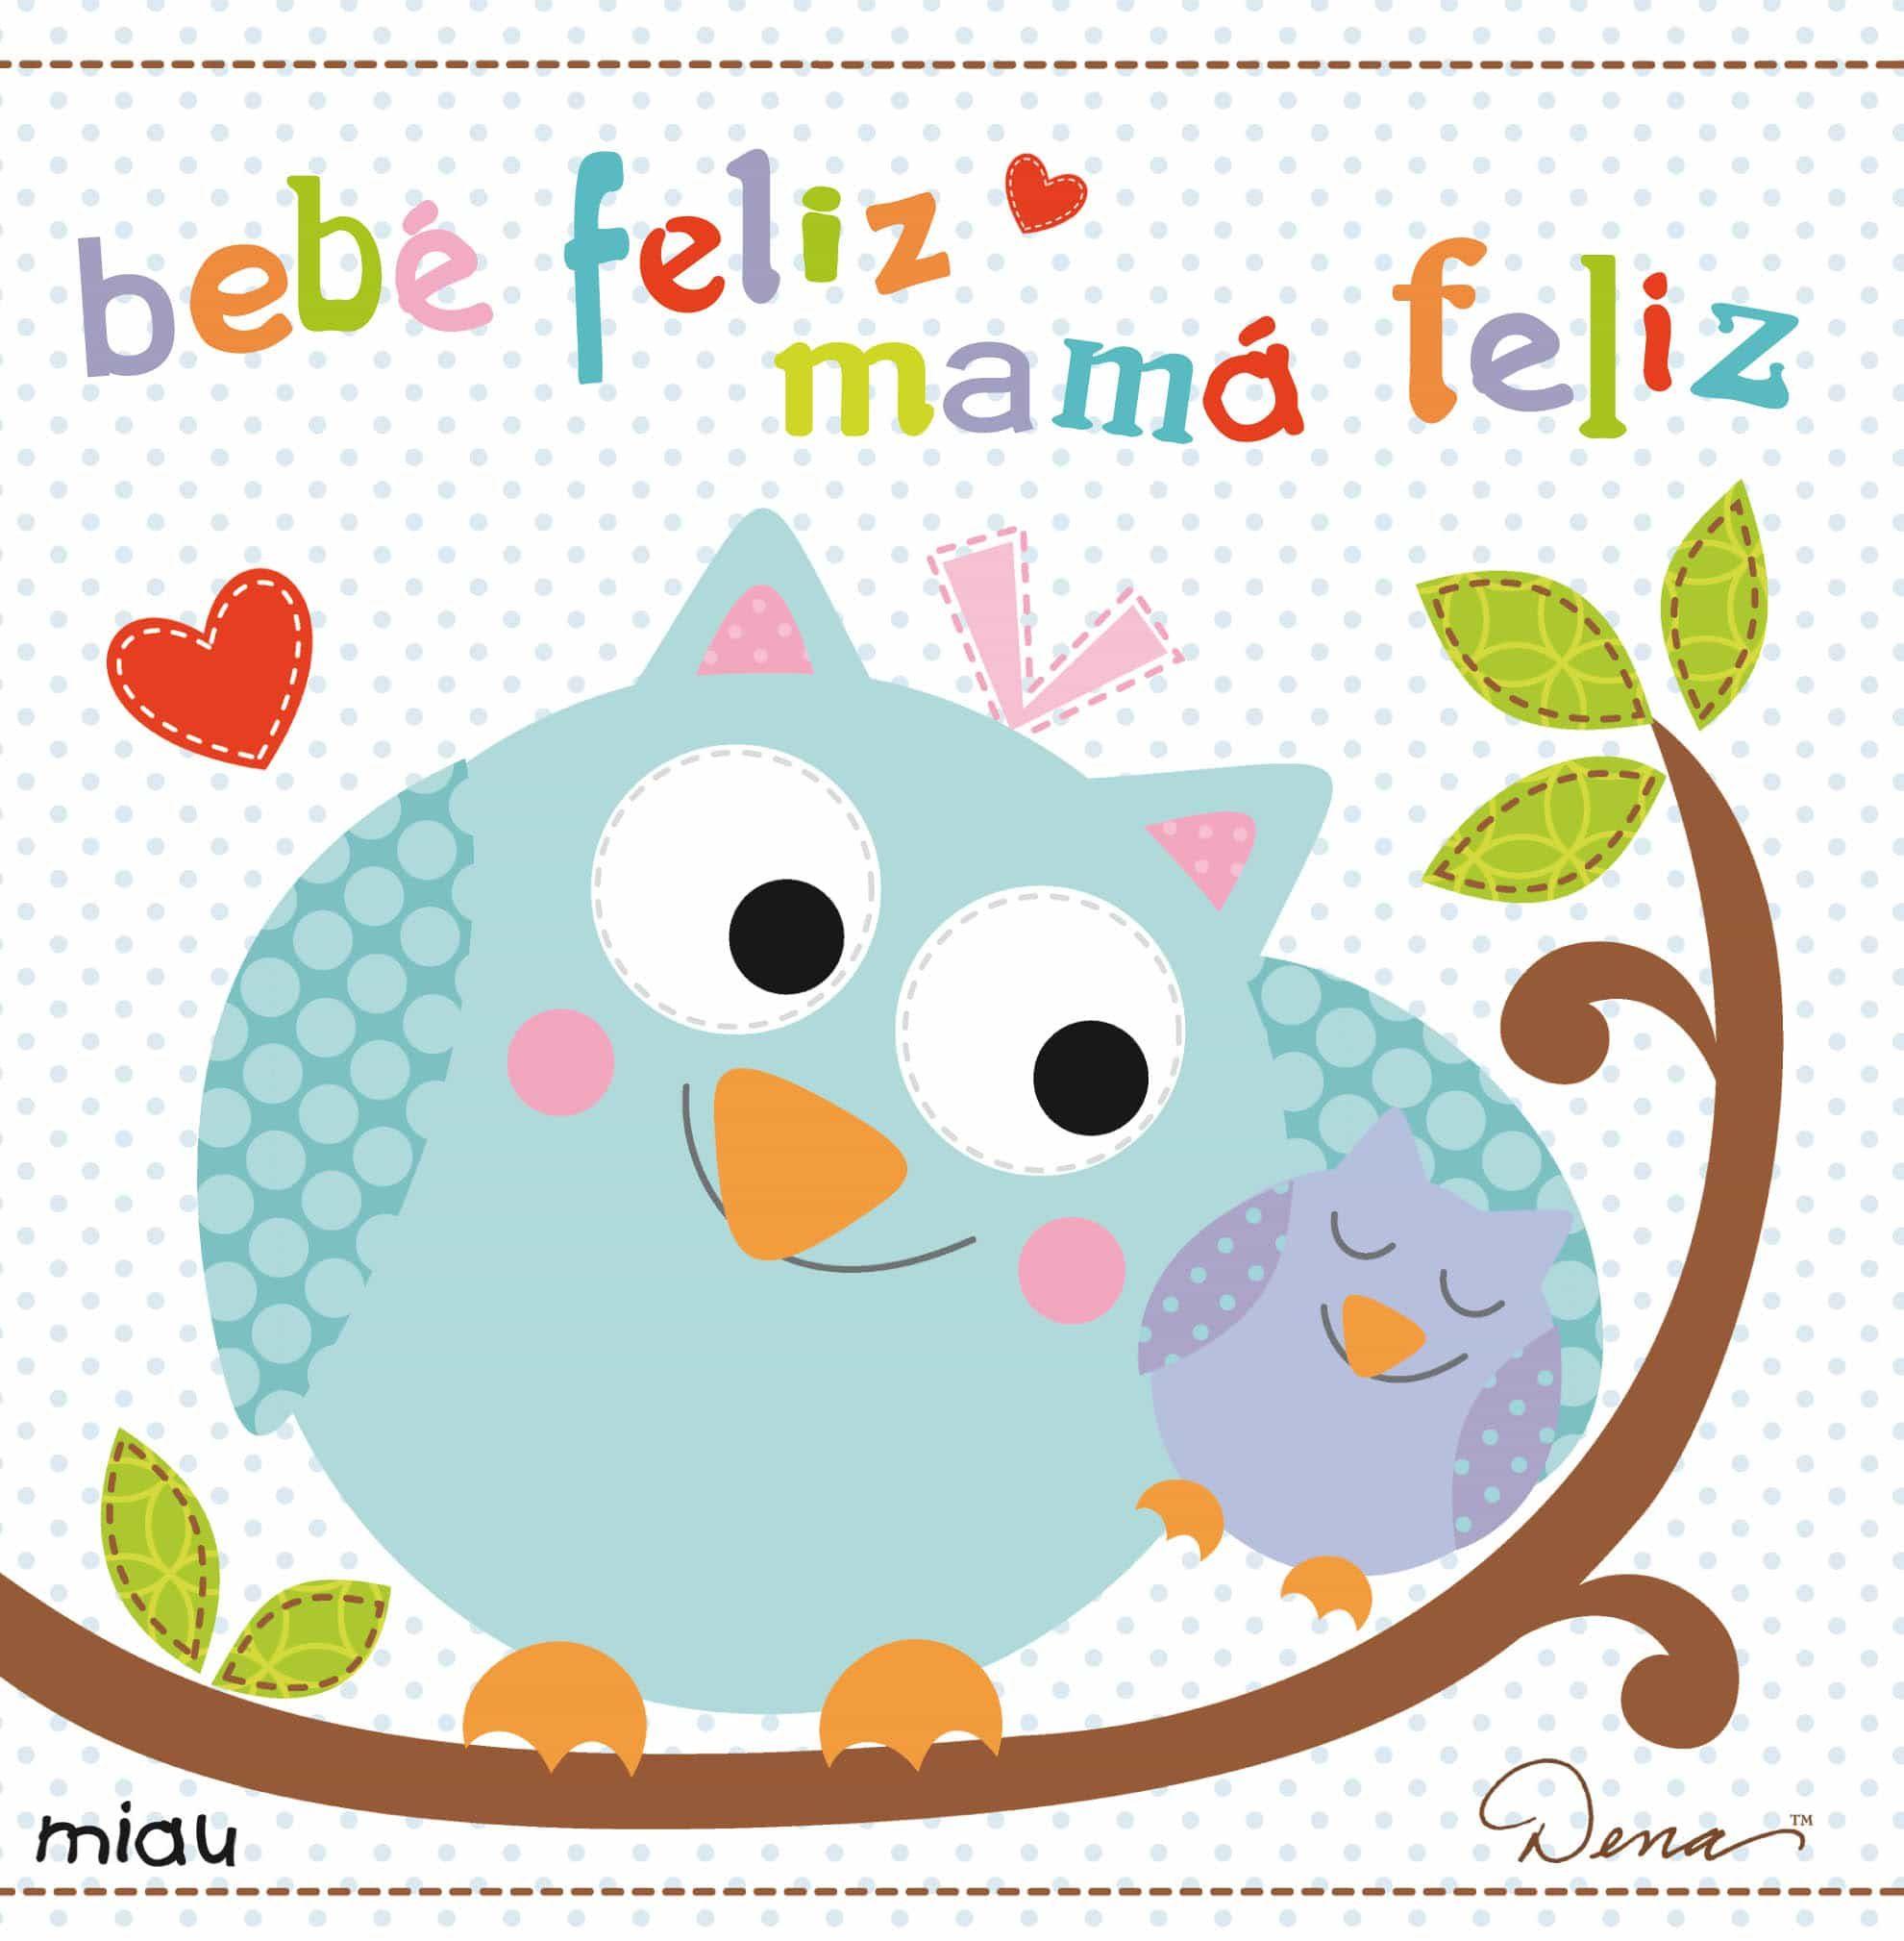 Resultado de imagen de bebe feliz mama feliz